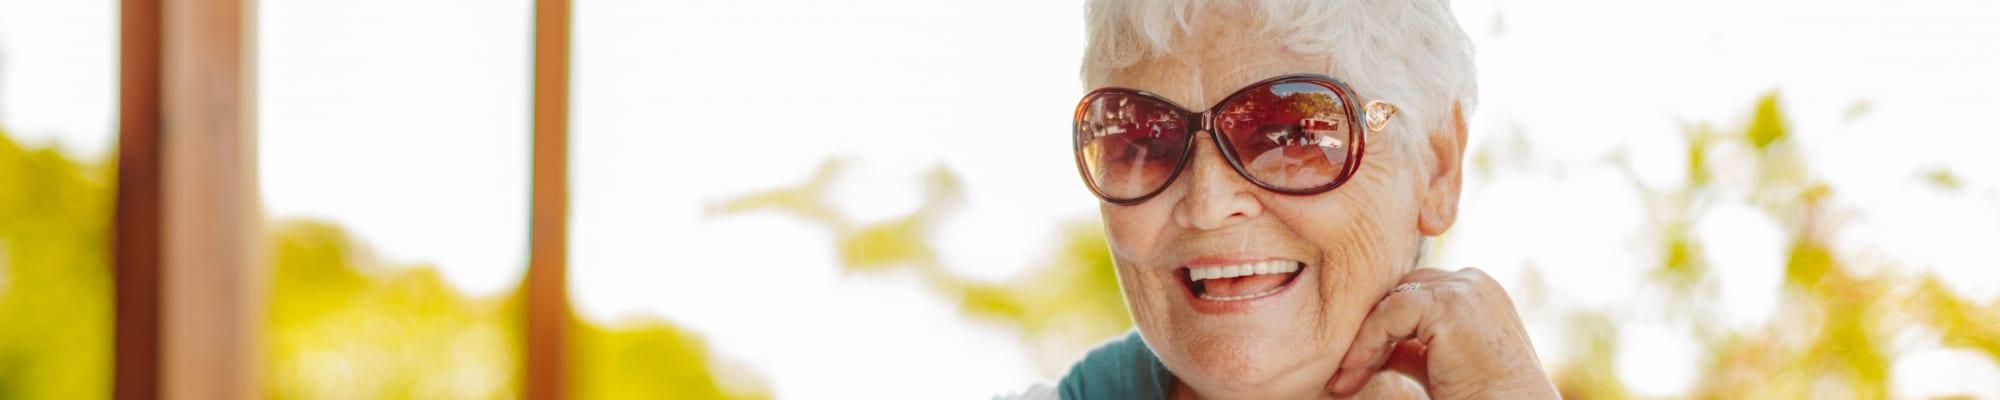 Reviews of Louisville, Kentucky senior living